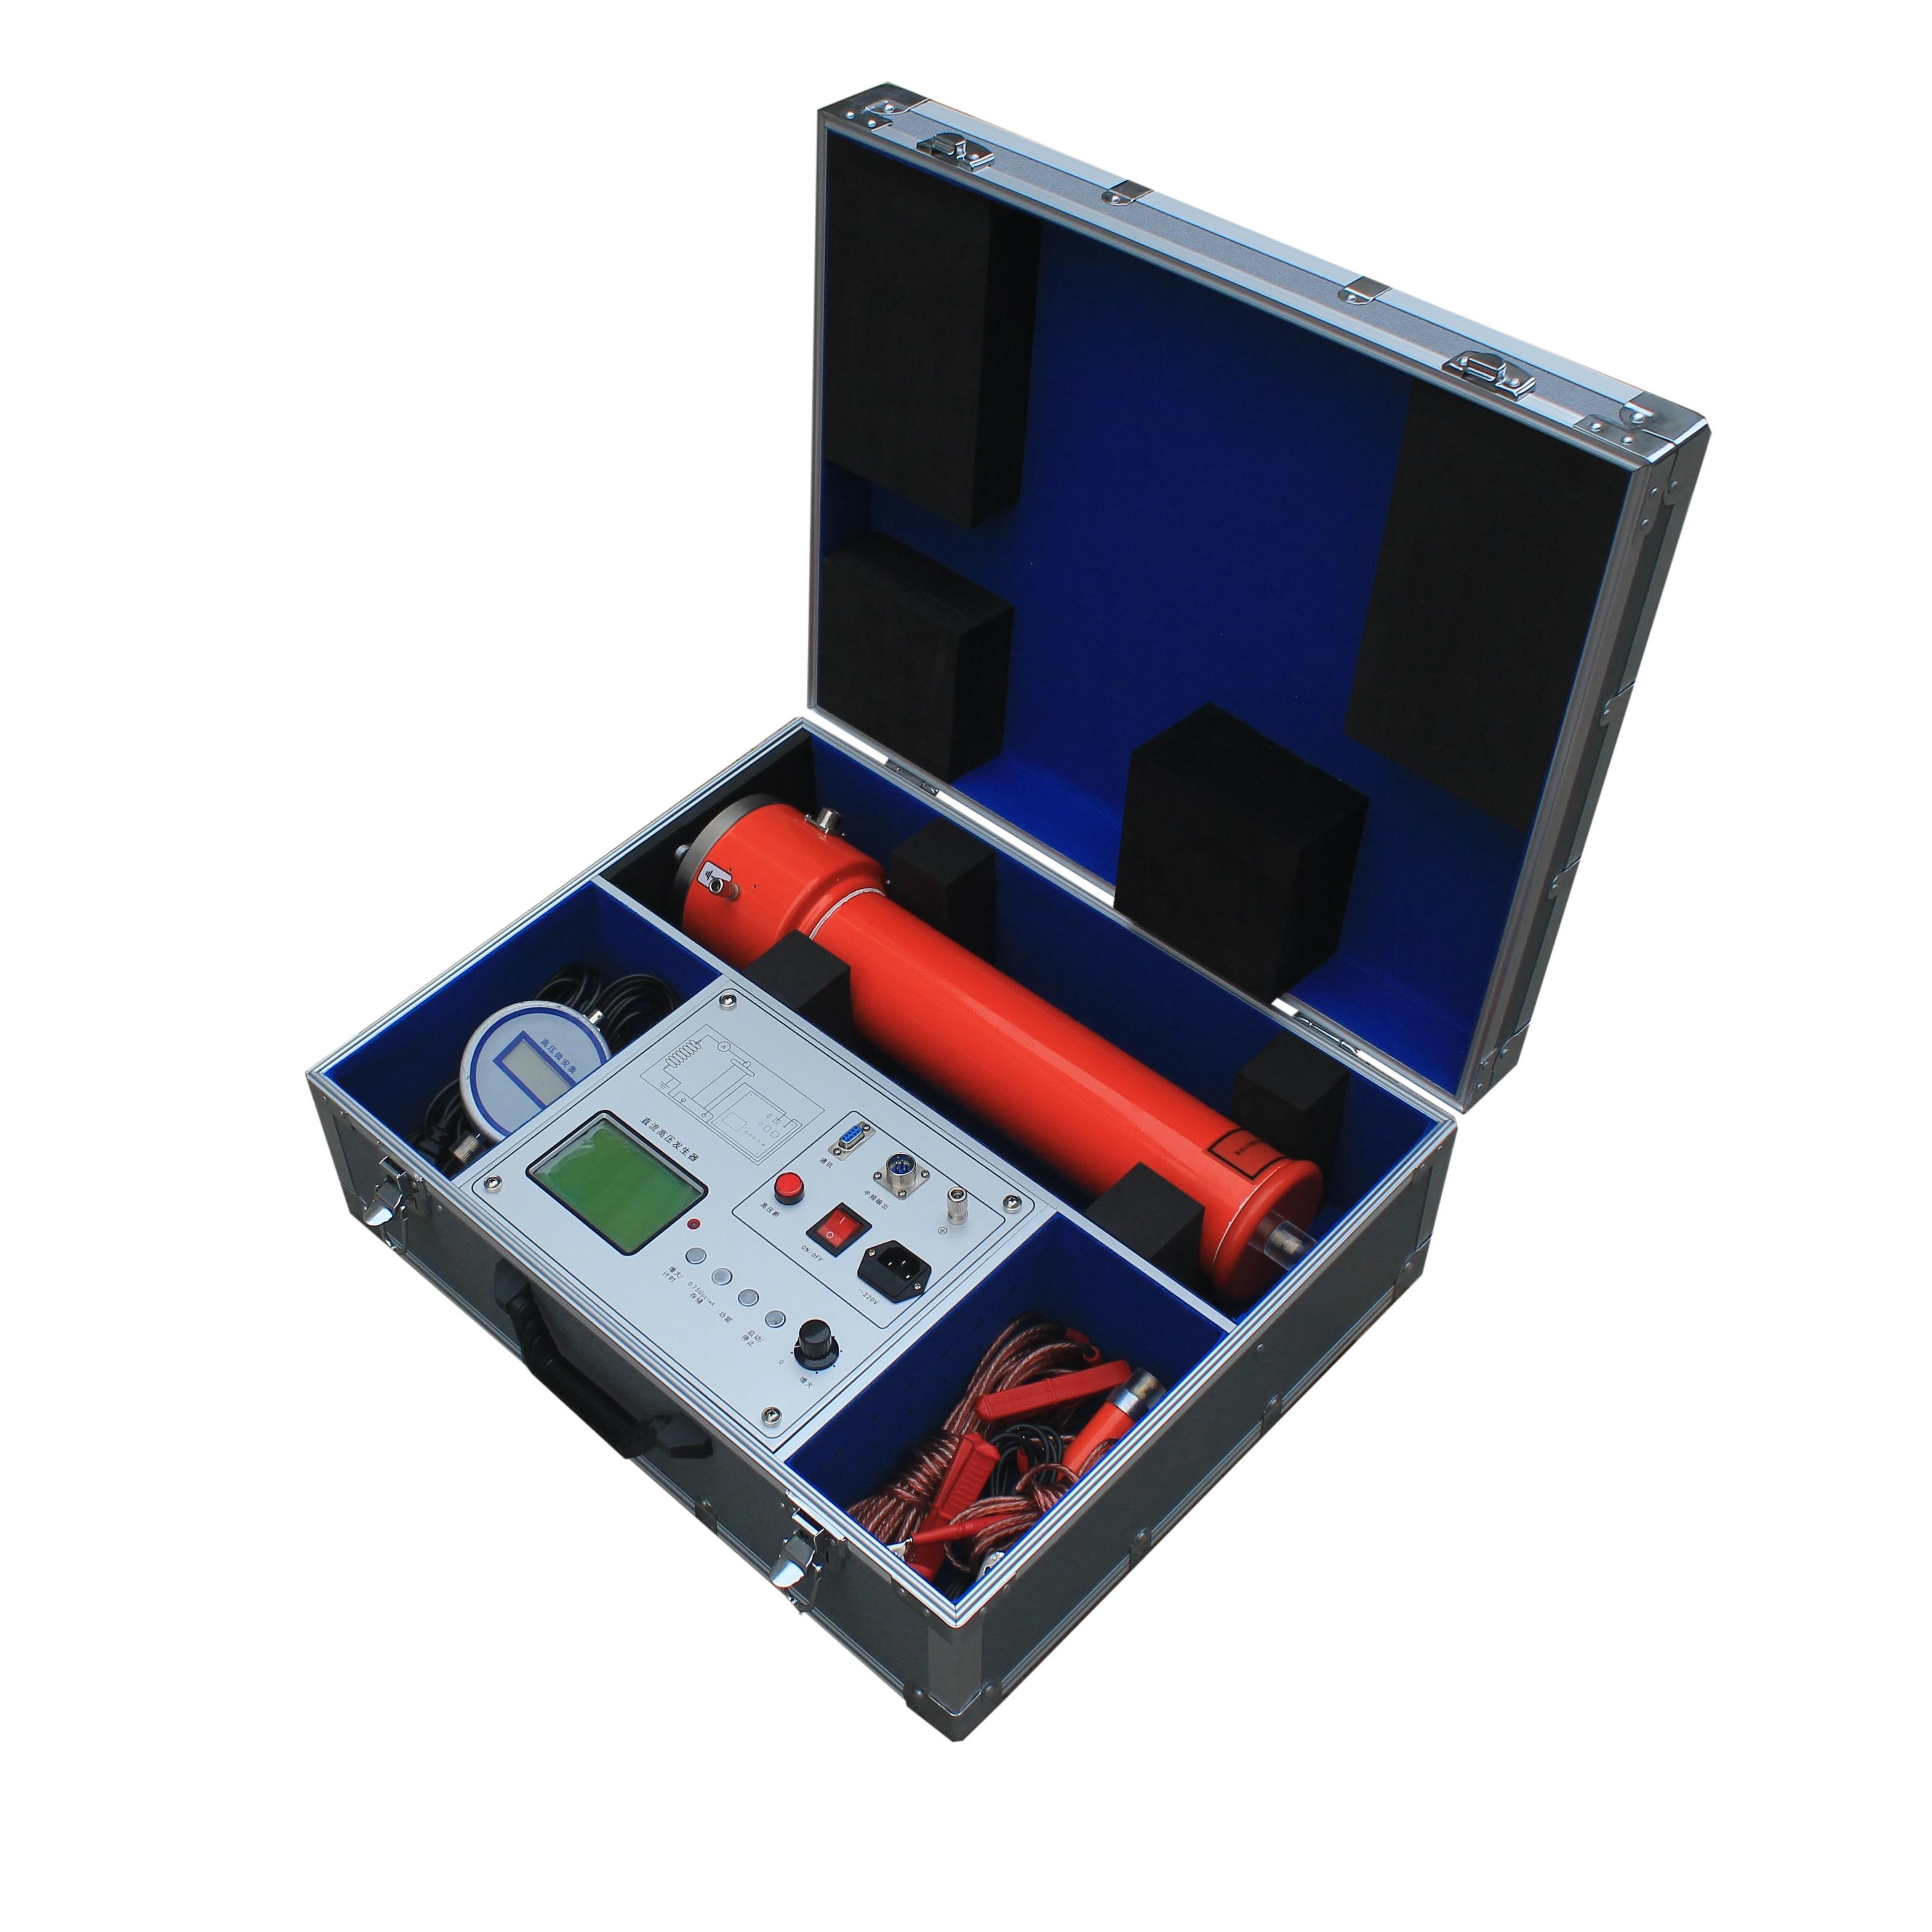 直流高压发生器常见故障及正确处理方法